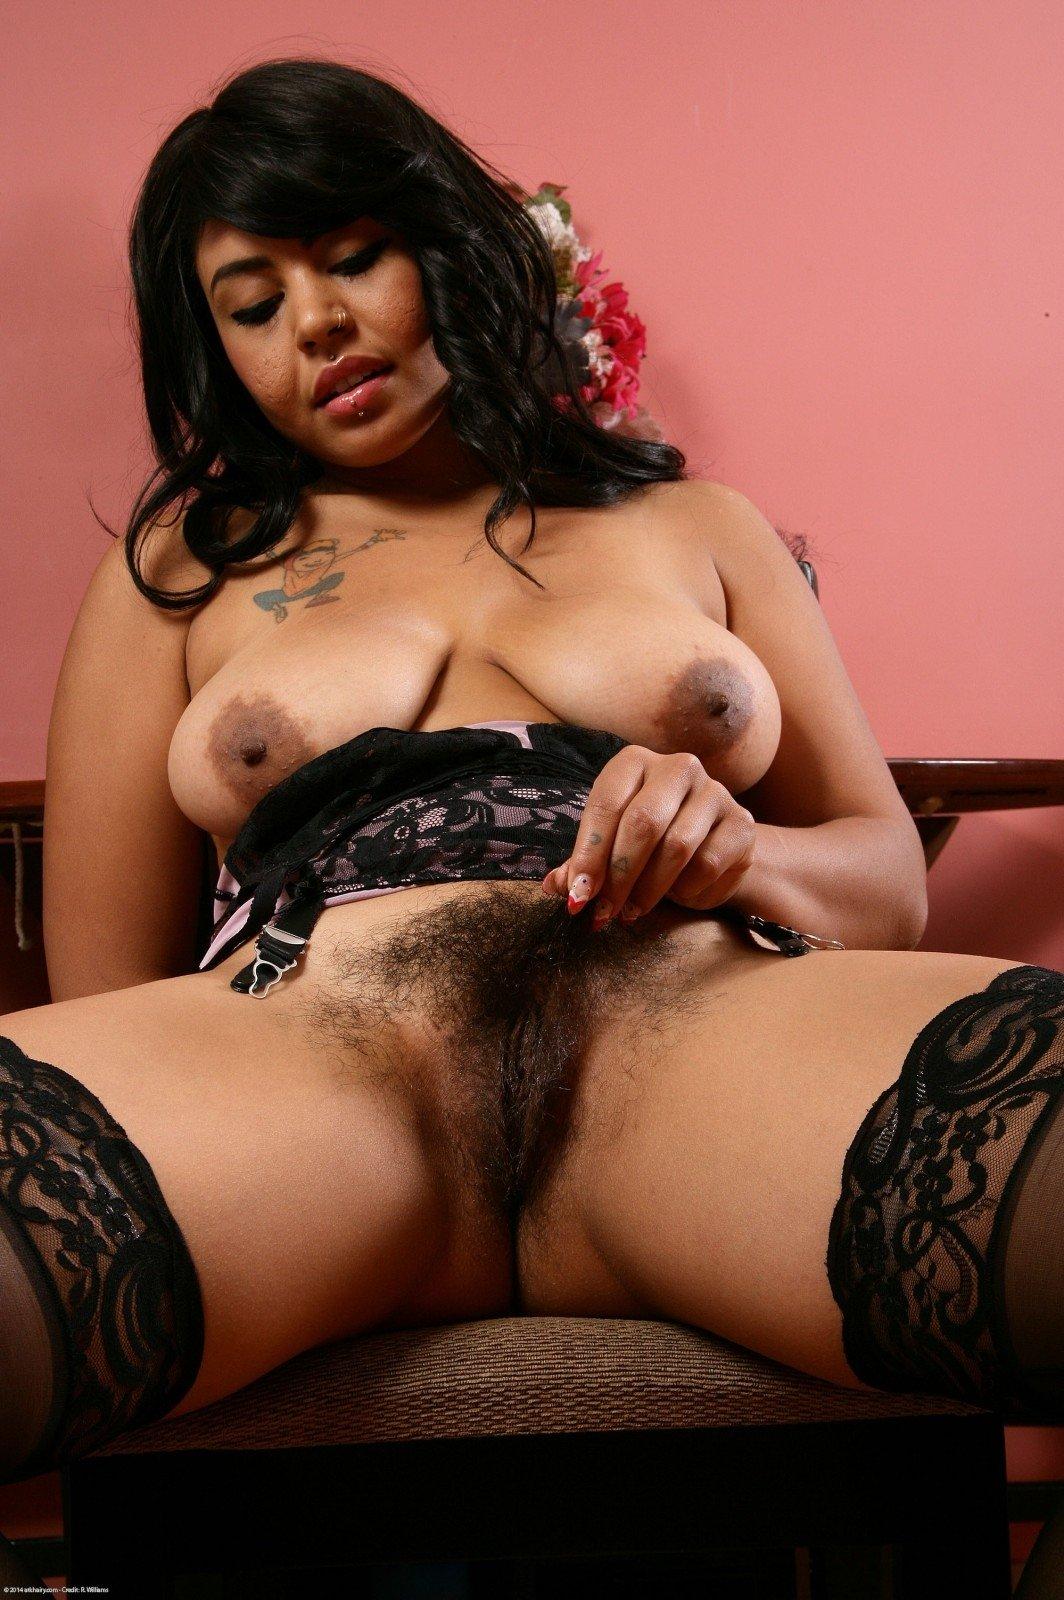 Латиноамериканская чертовка в черных чулках расставила ноги и показала мохнатую пизду